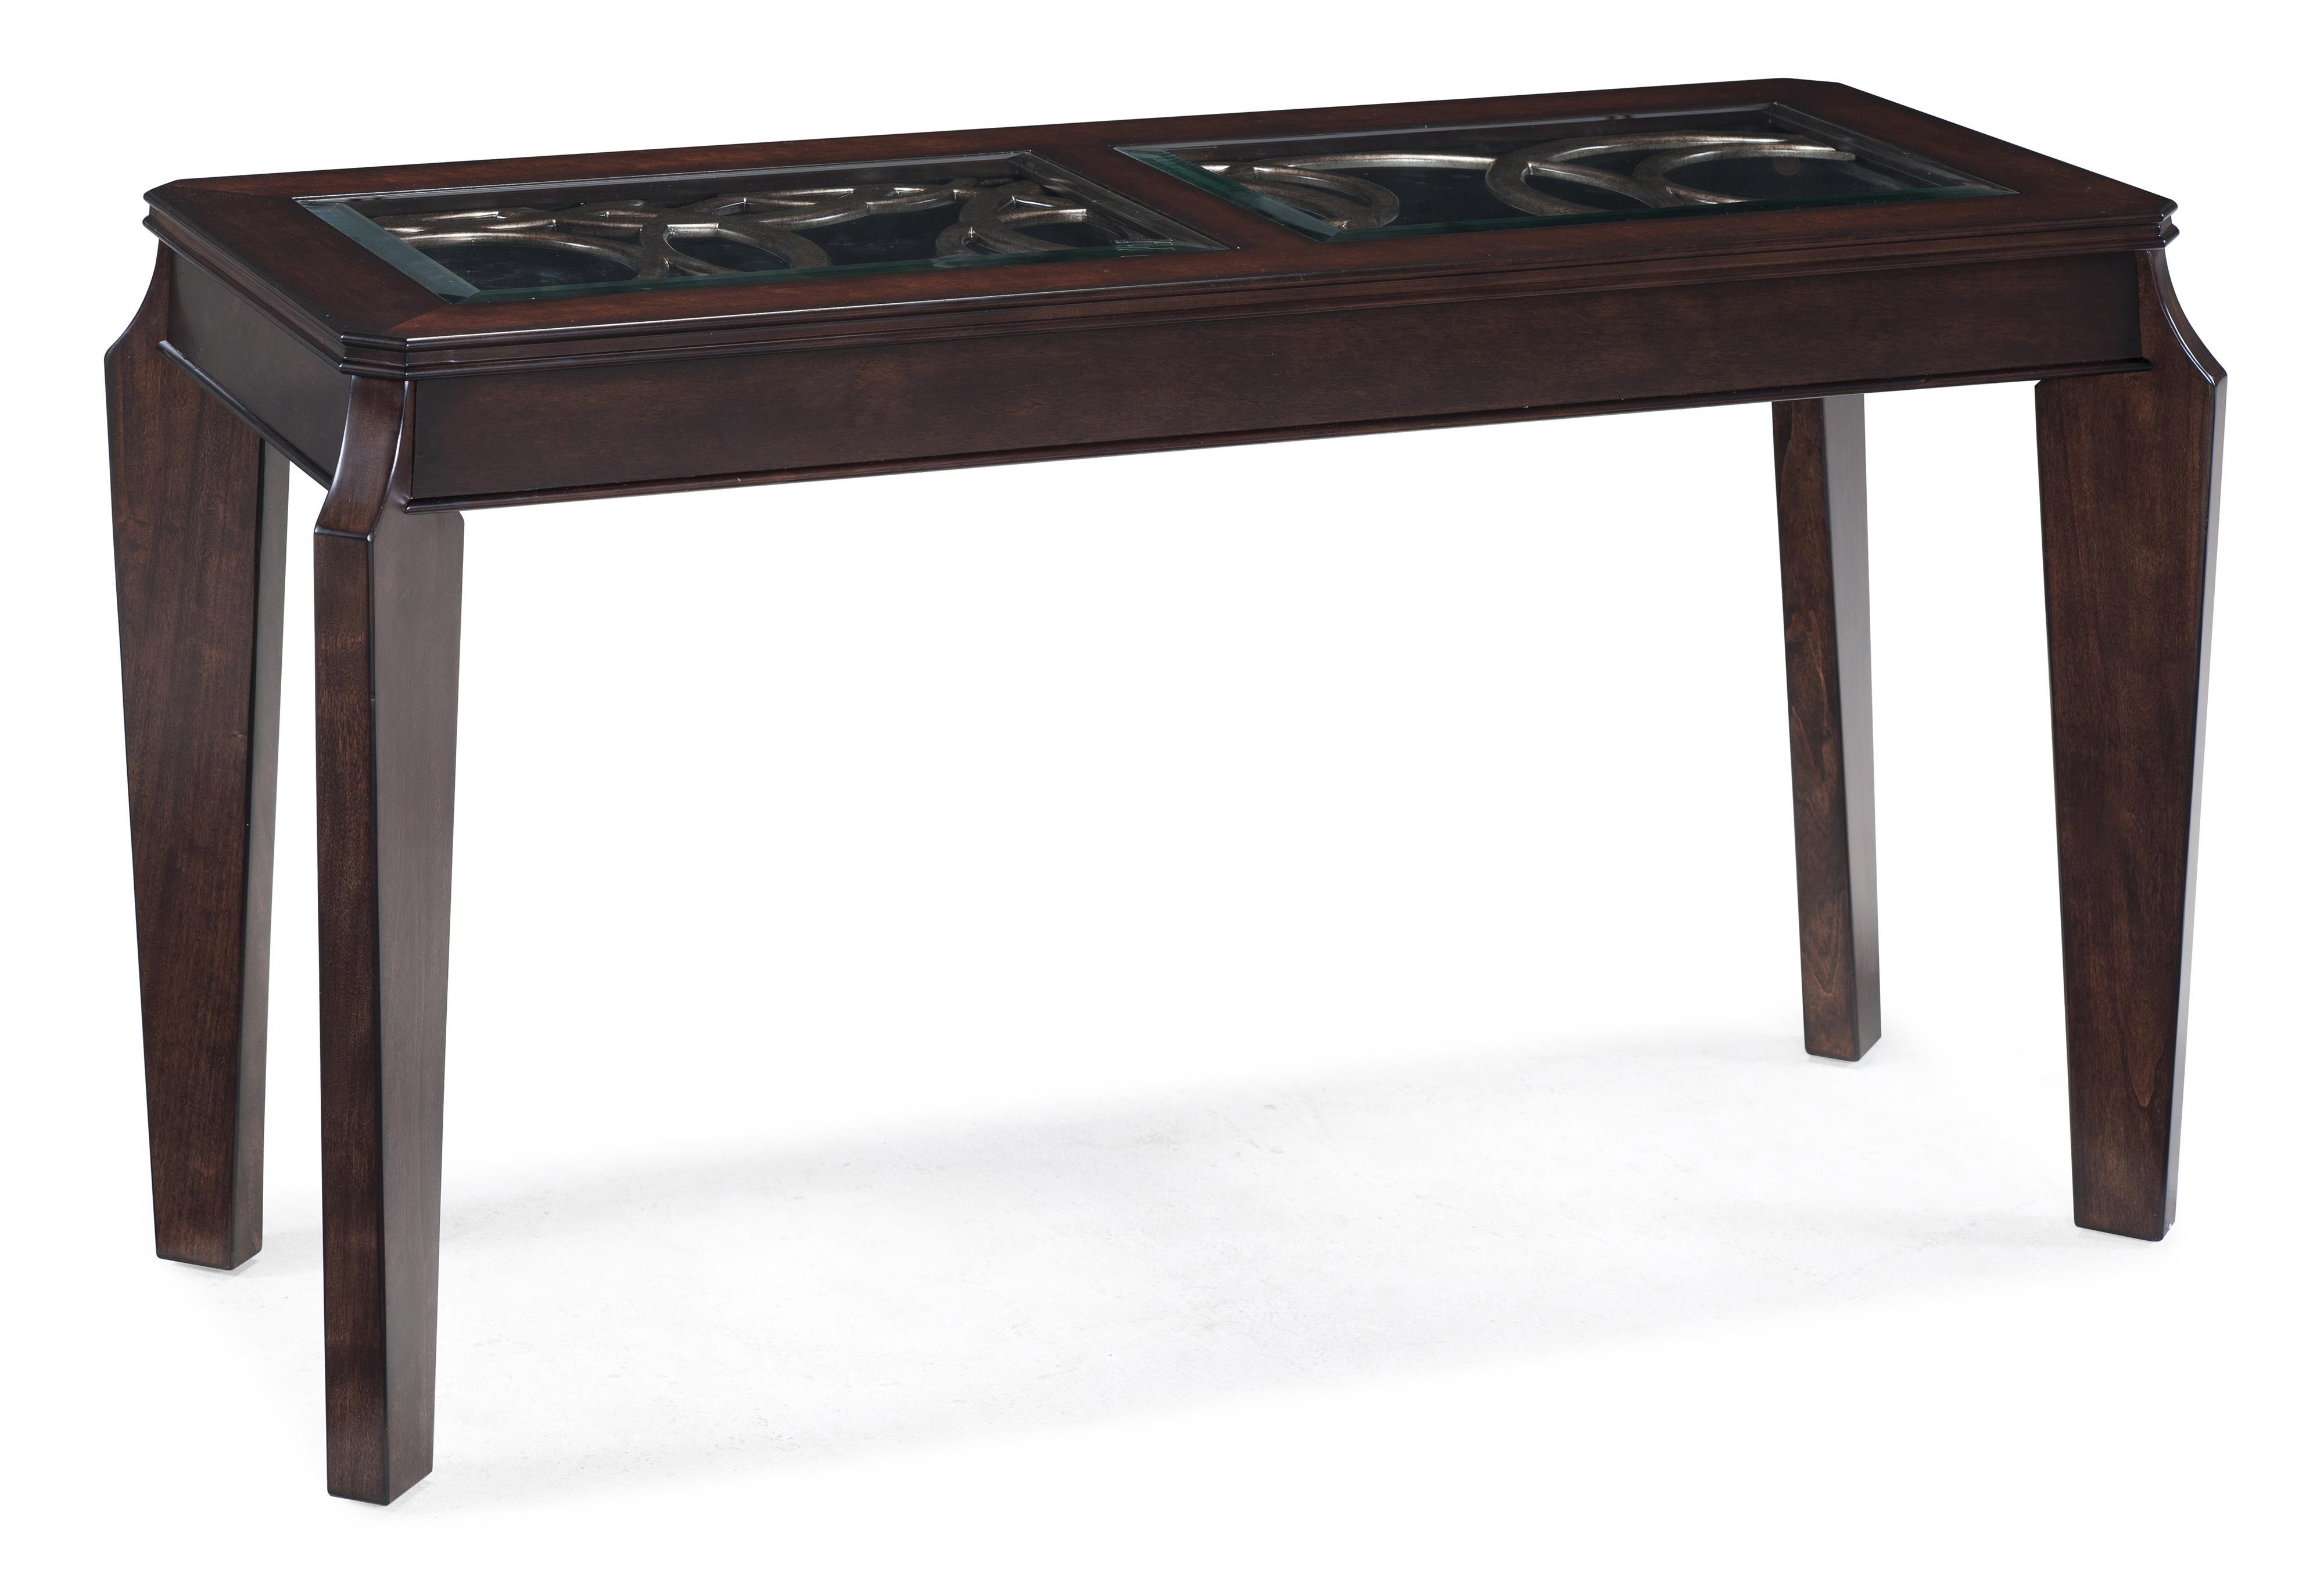 Magnussen Home Ombrio Rectangular Sofa Table - Item Number: T2034-73